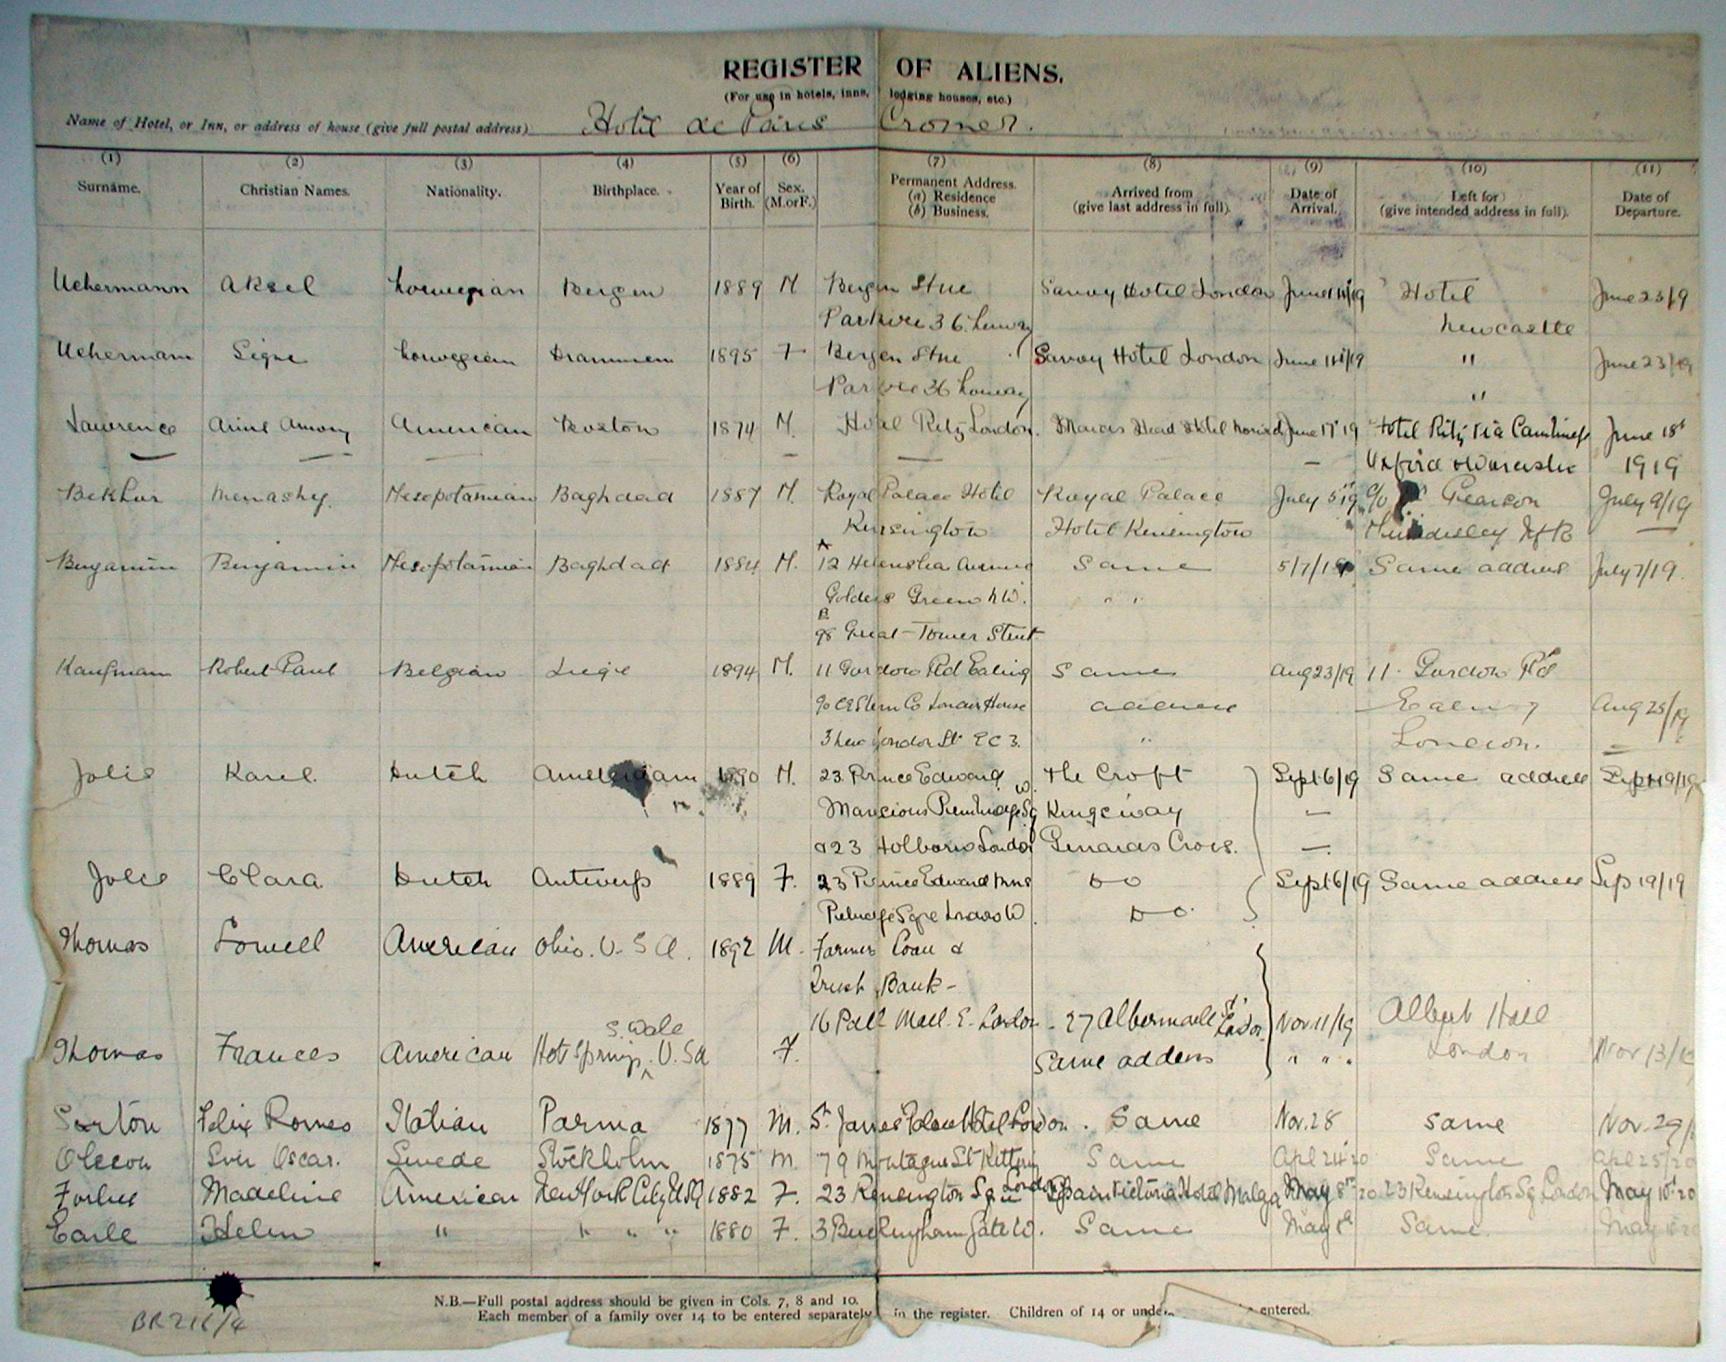 Register of Aliens Hotel de Paris, Cromer 1919-20: NEN Gallery